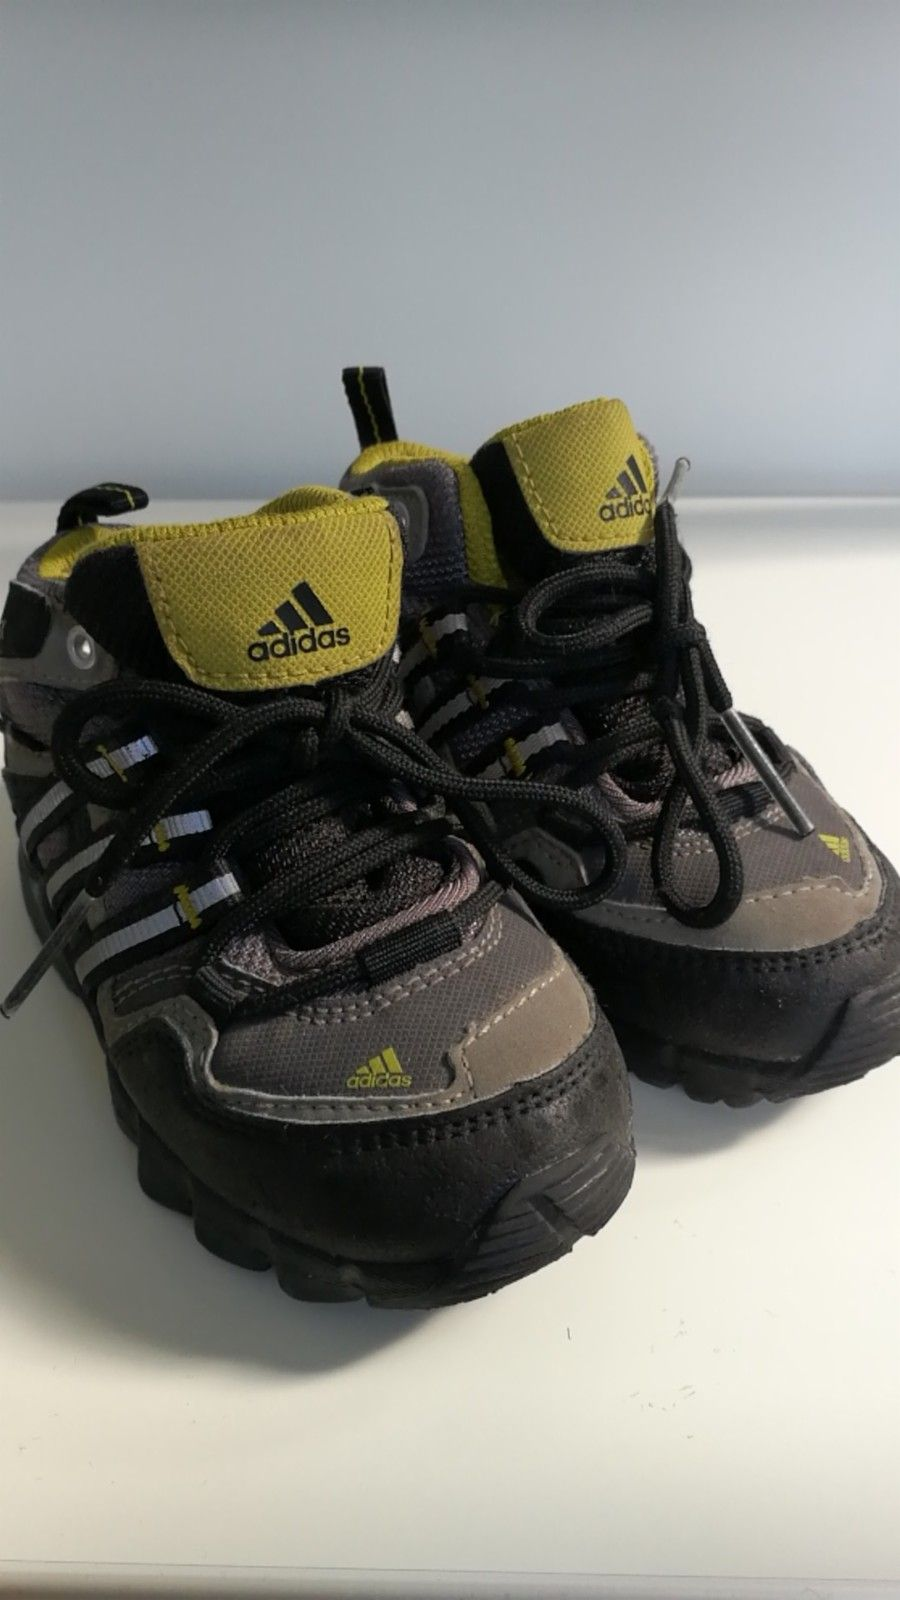 Adidas gore tex str 21. | FINN.no